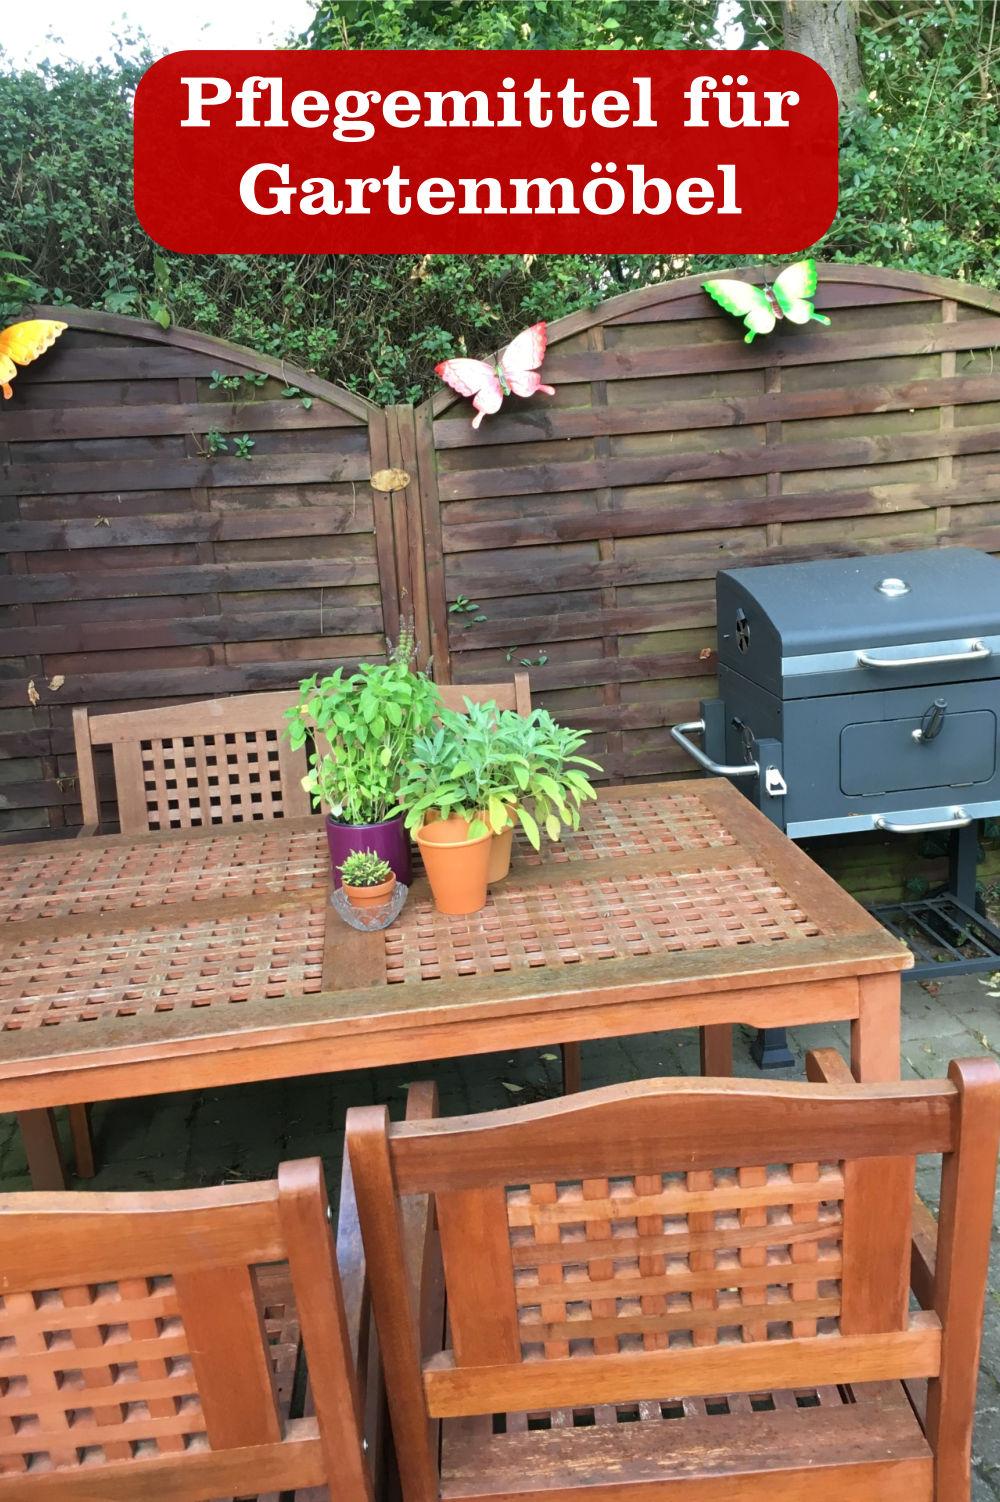 Pflegemittel Gartenmöbel